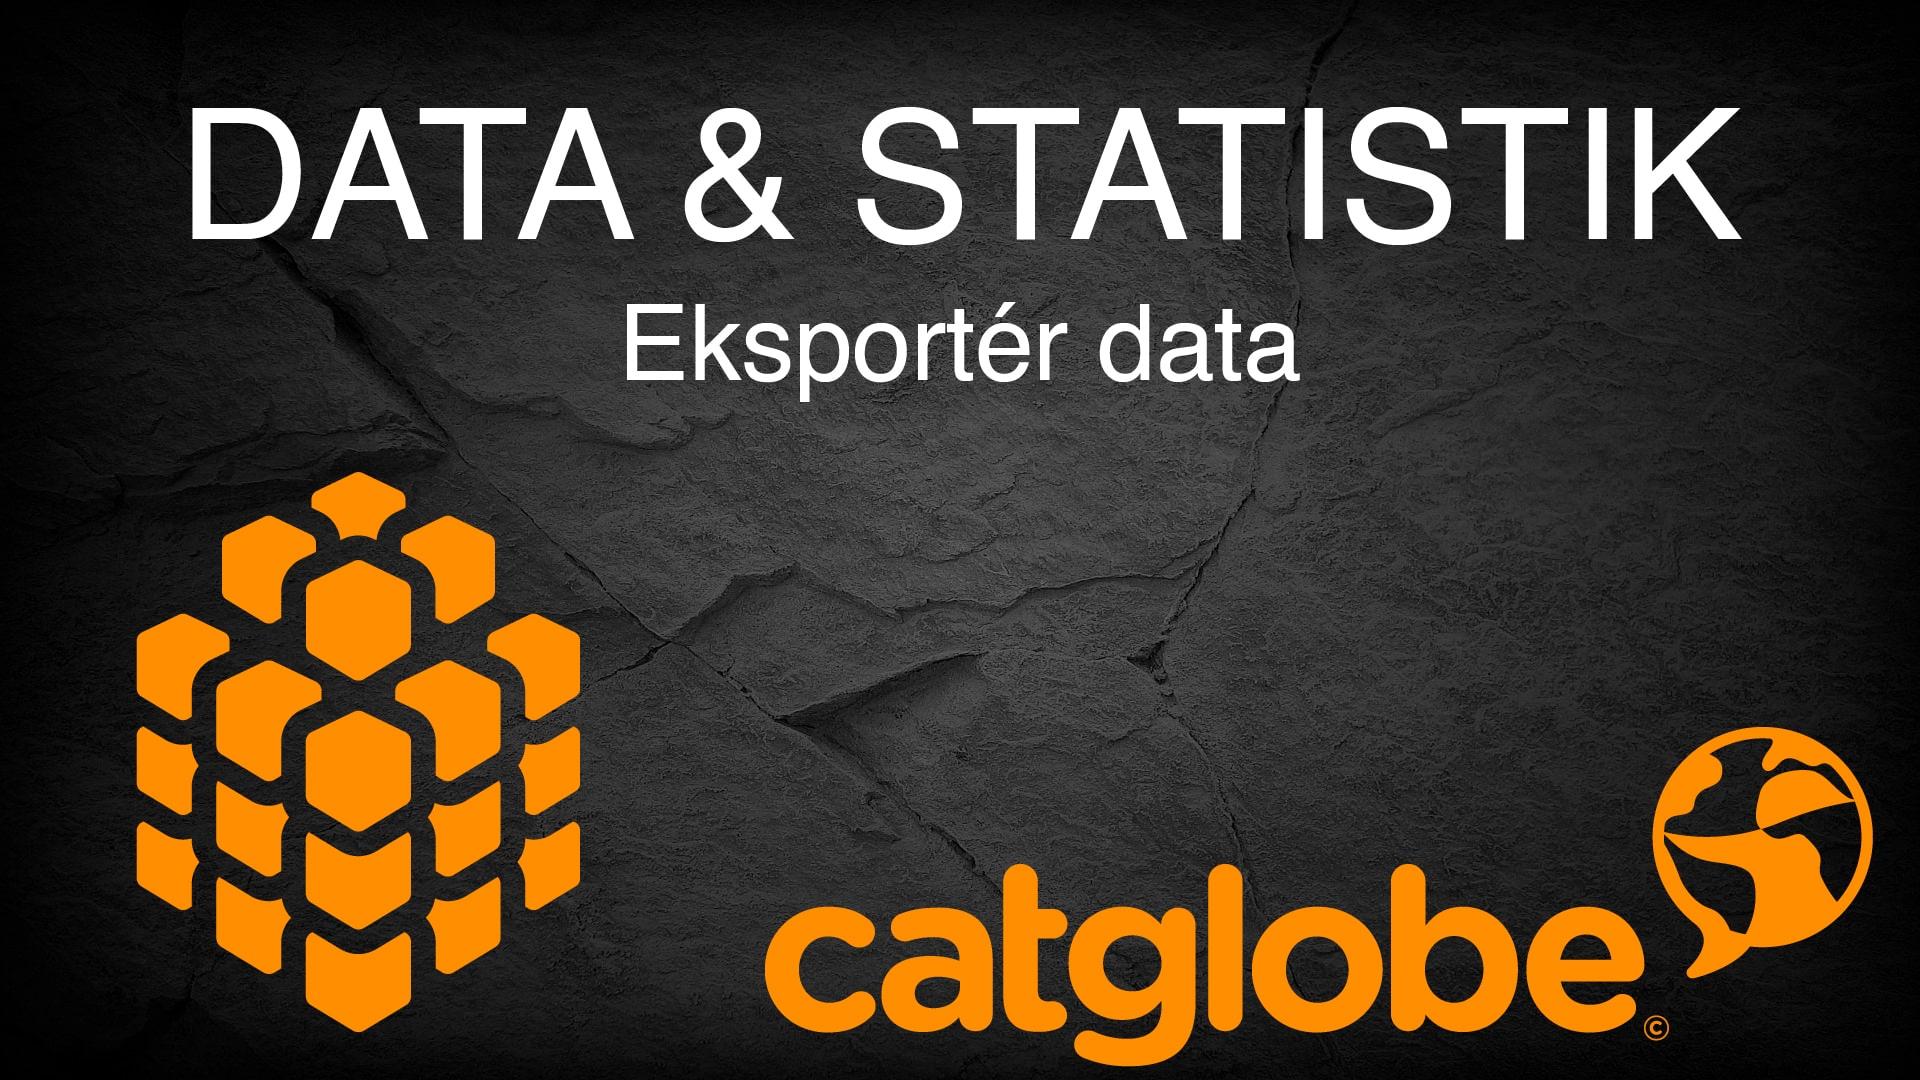 Eksportér data